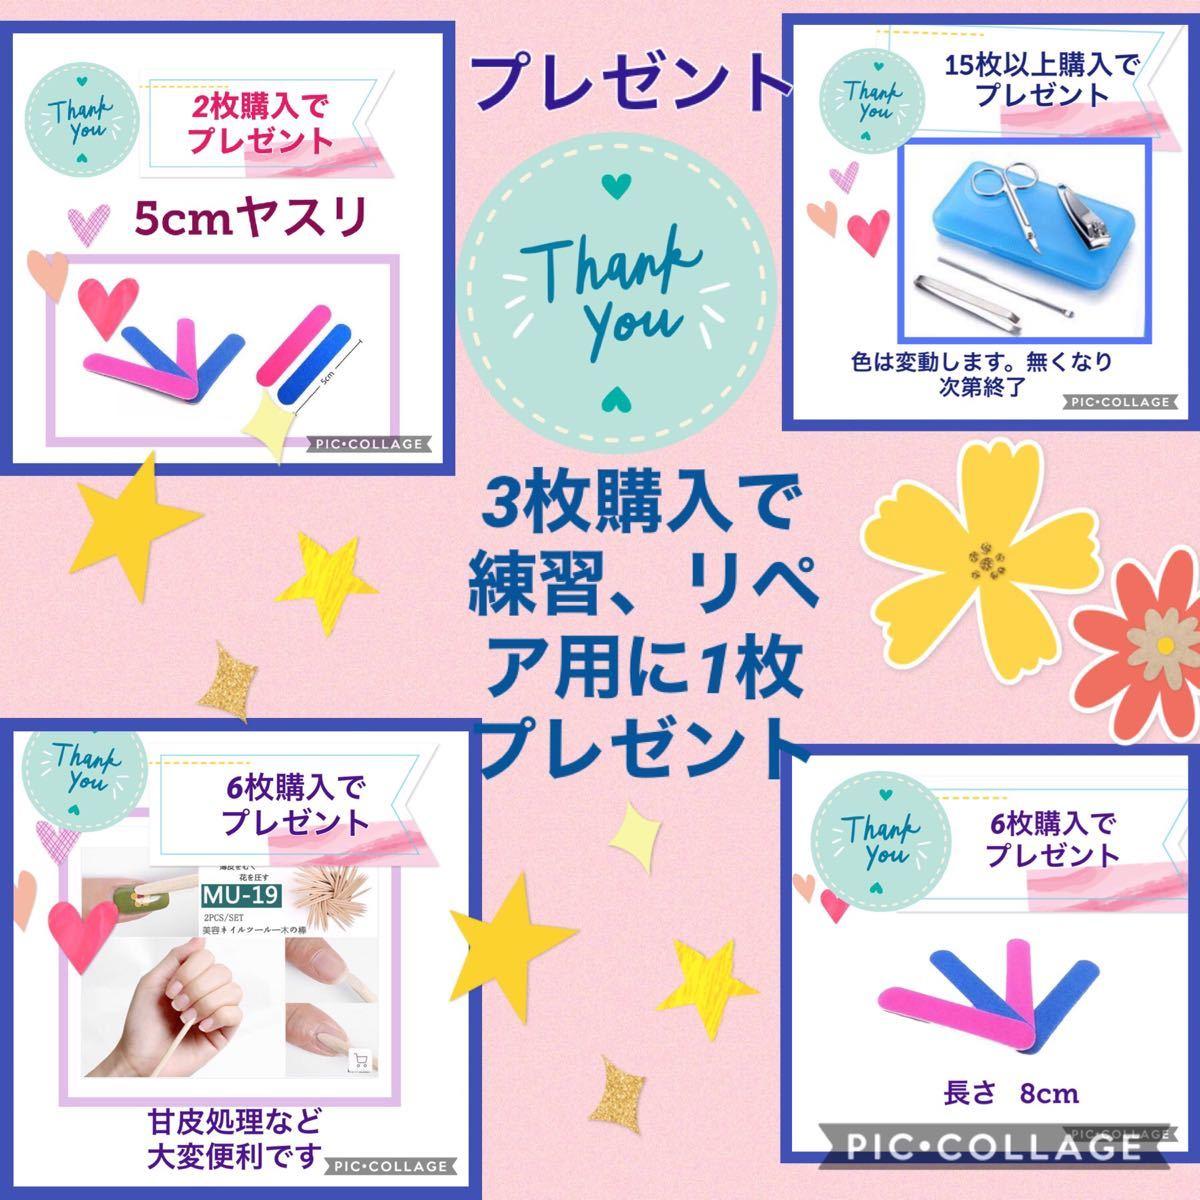 【3枚購入でシール1枚プレゼント】簡単貼るだけジェルネイルシール☆。.:*